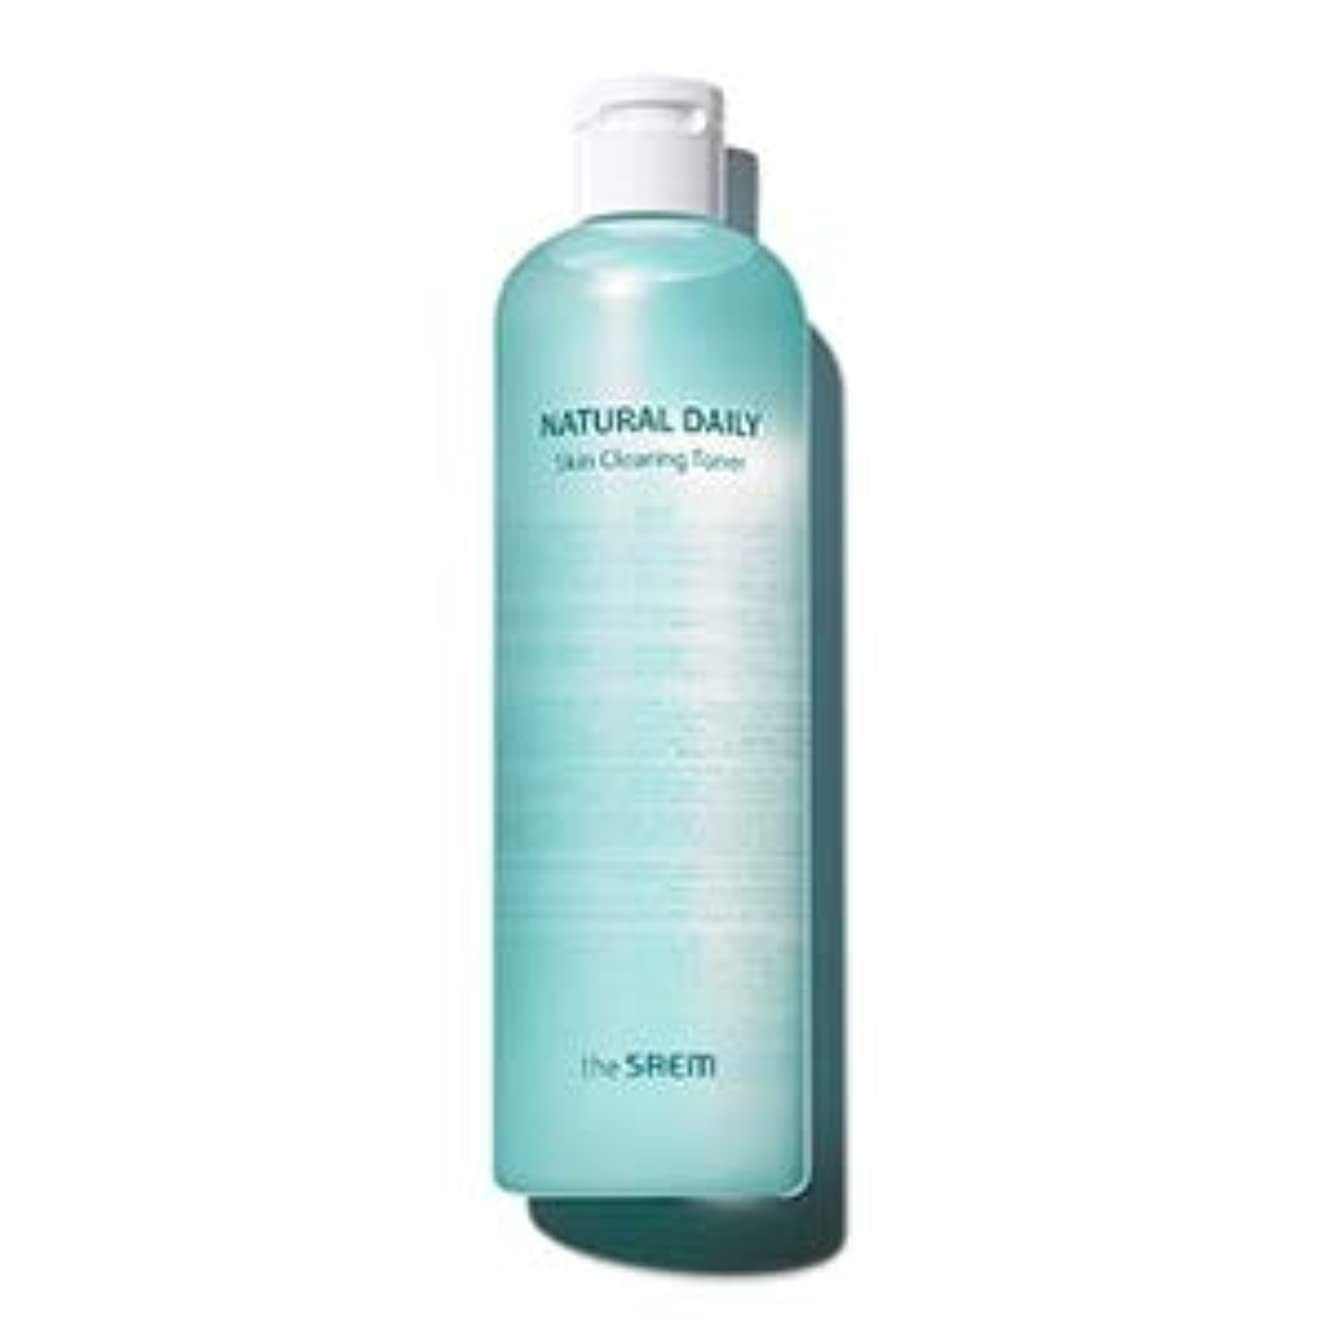 まとめるベーリング海峡支払いザセム ナチュラルデイリースキンクリアリングトナー500ml / The Saem Natural Daily Skin Clearing Toner 500ml [並行輸入品]